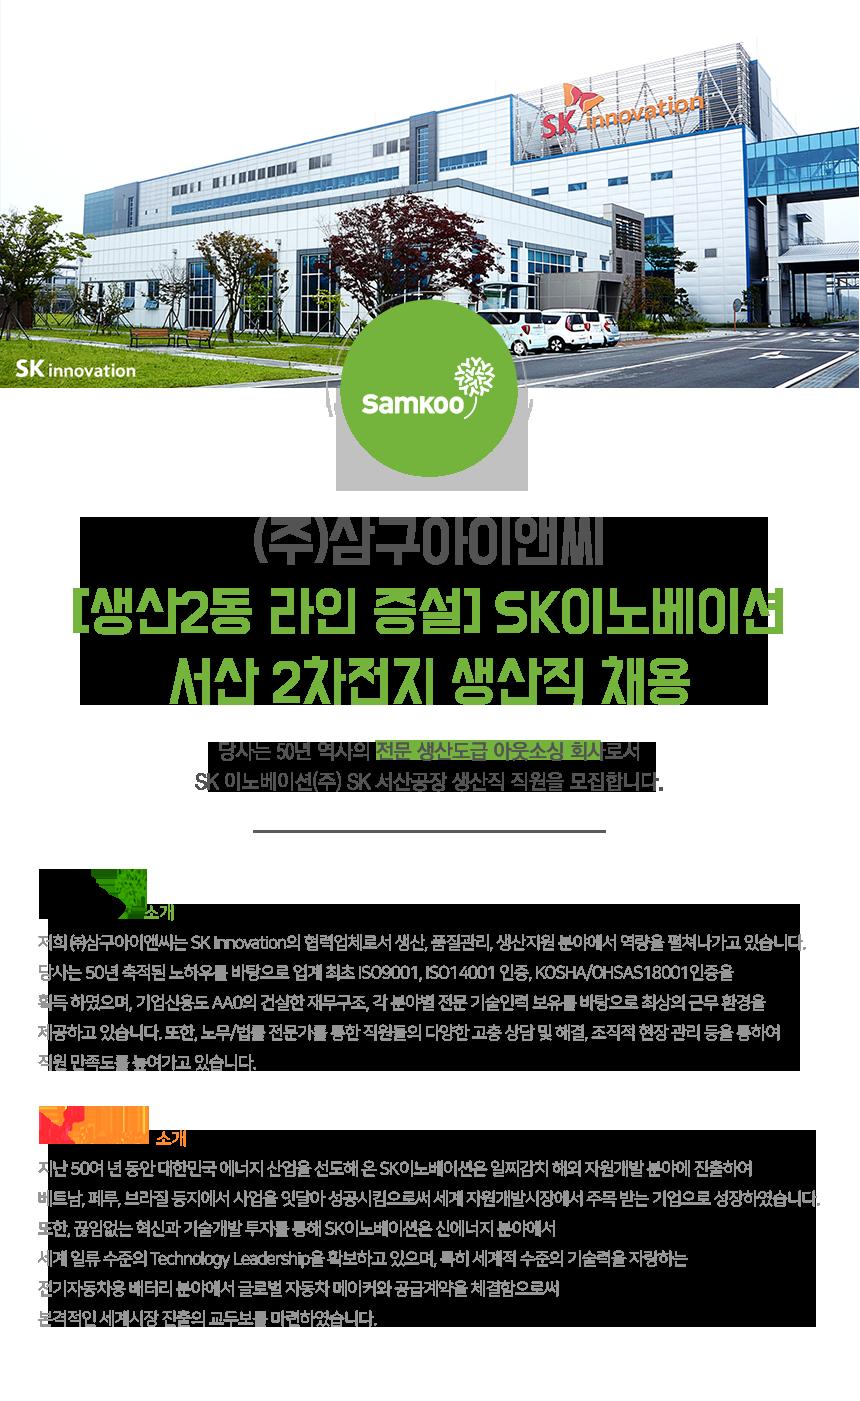 [생산2동 라인 증설]SK이노베이션 서산 2차전지 생산직 채용